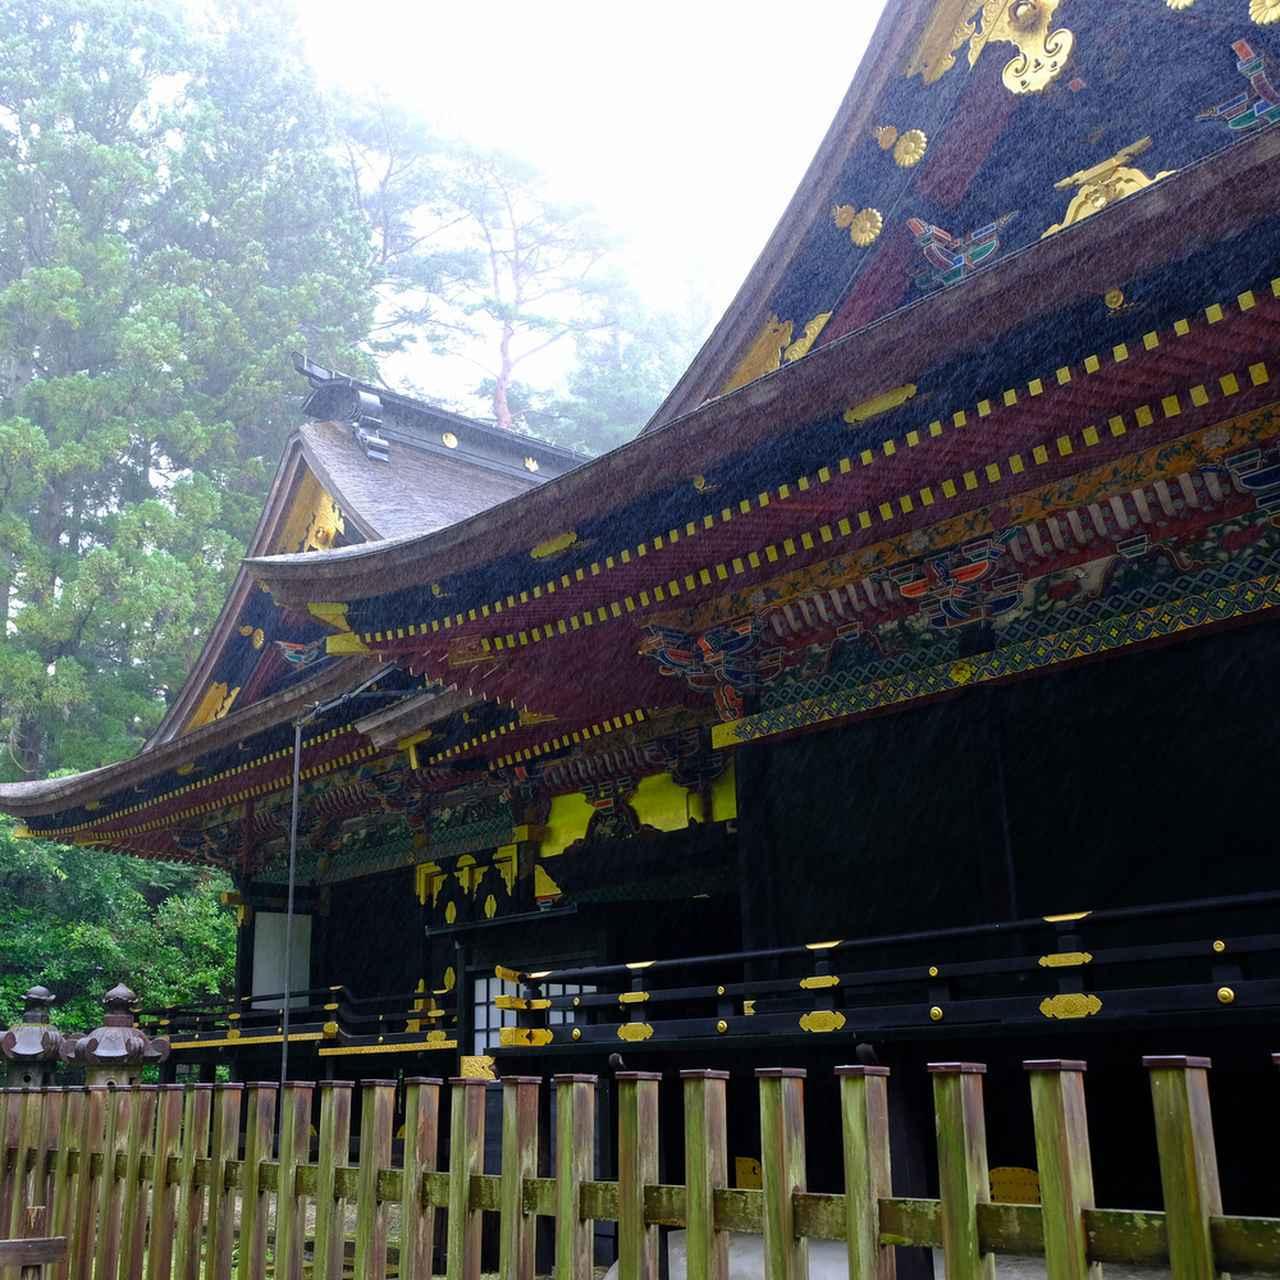 画像: 拝殿から石の間、そして本殿へとつながる権現造。社殿の左側から奥の本殿も見ることが出来ました。